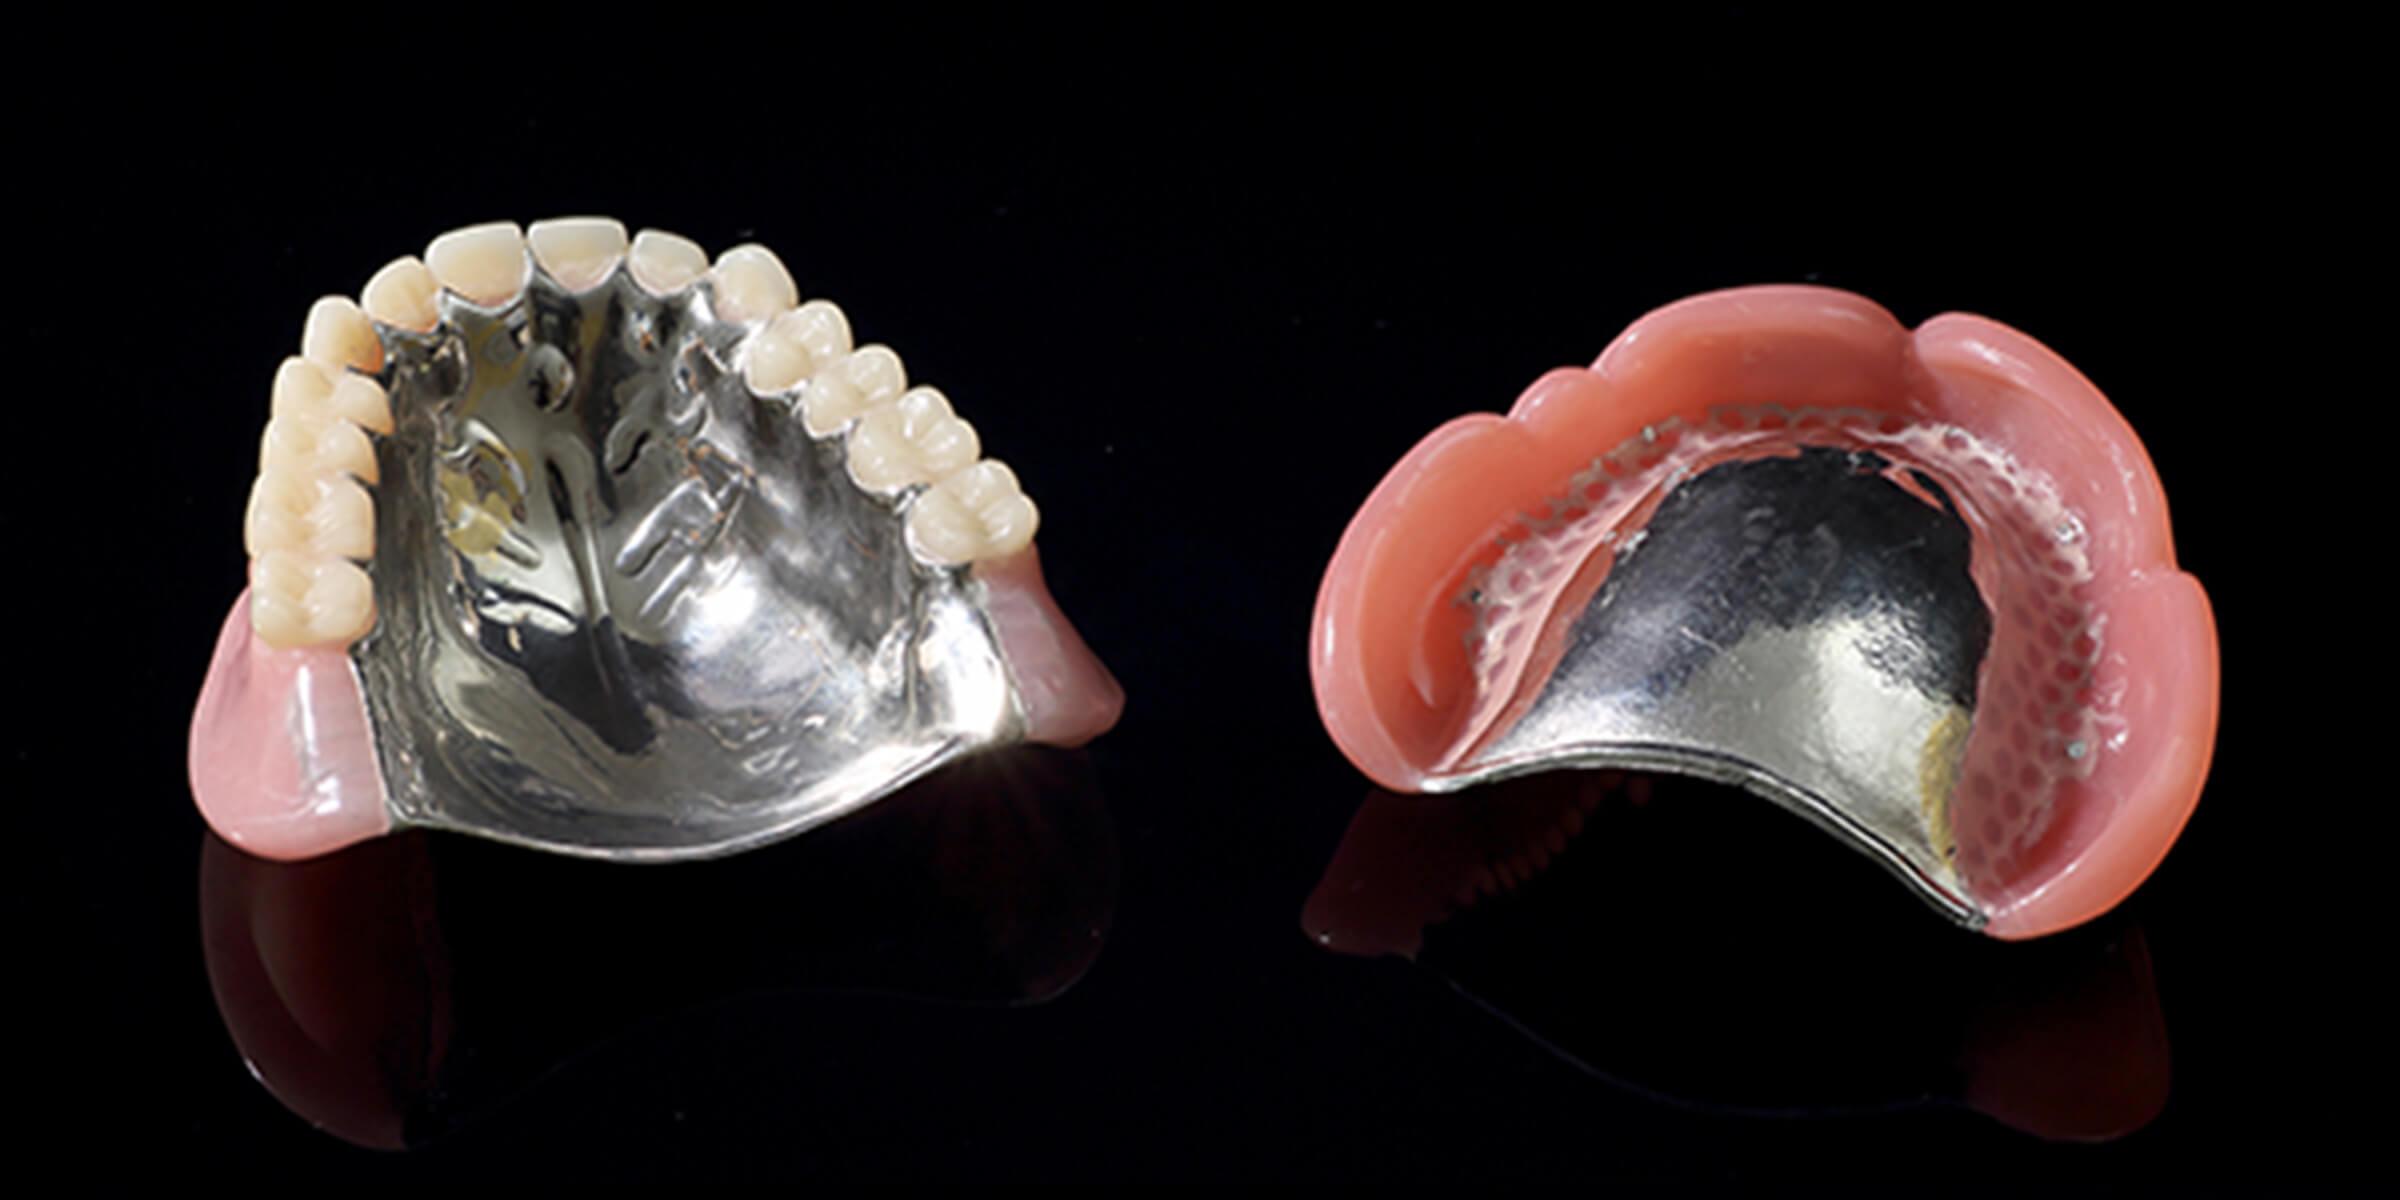 金属床義歯(保険適用外)